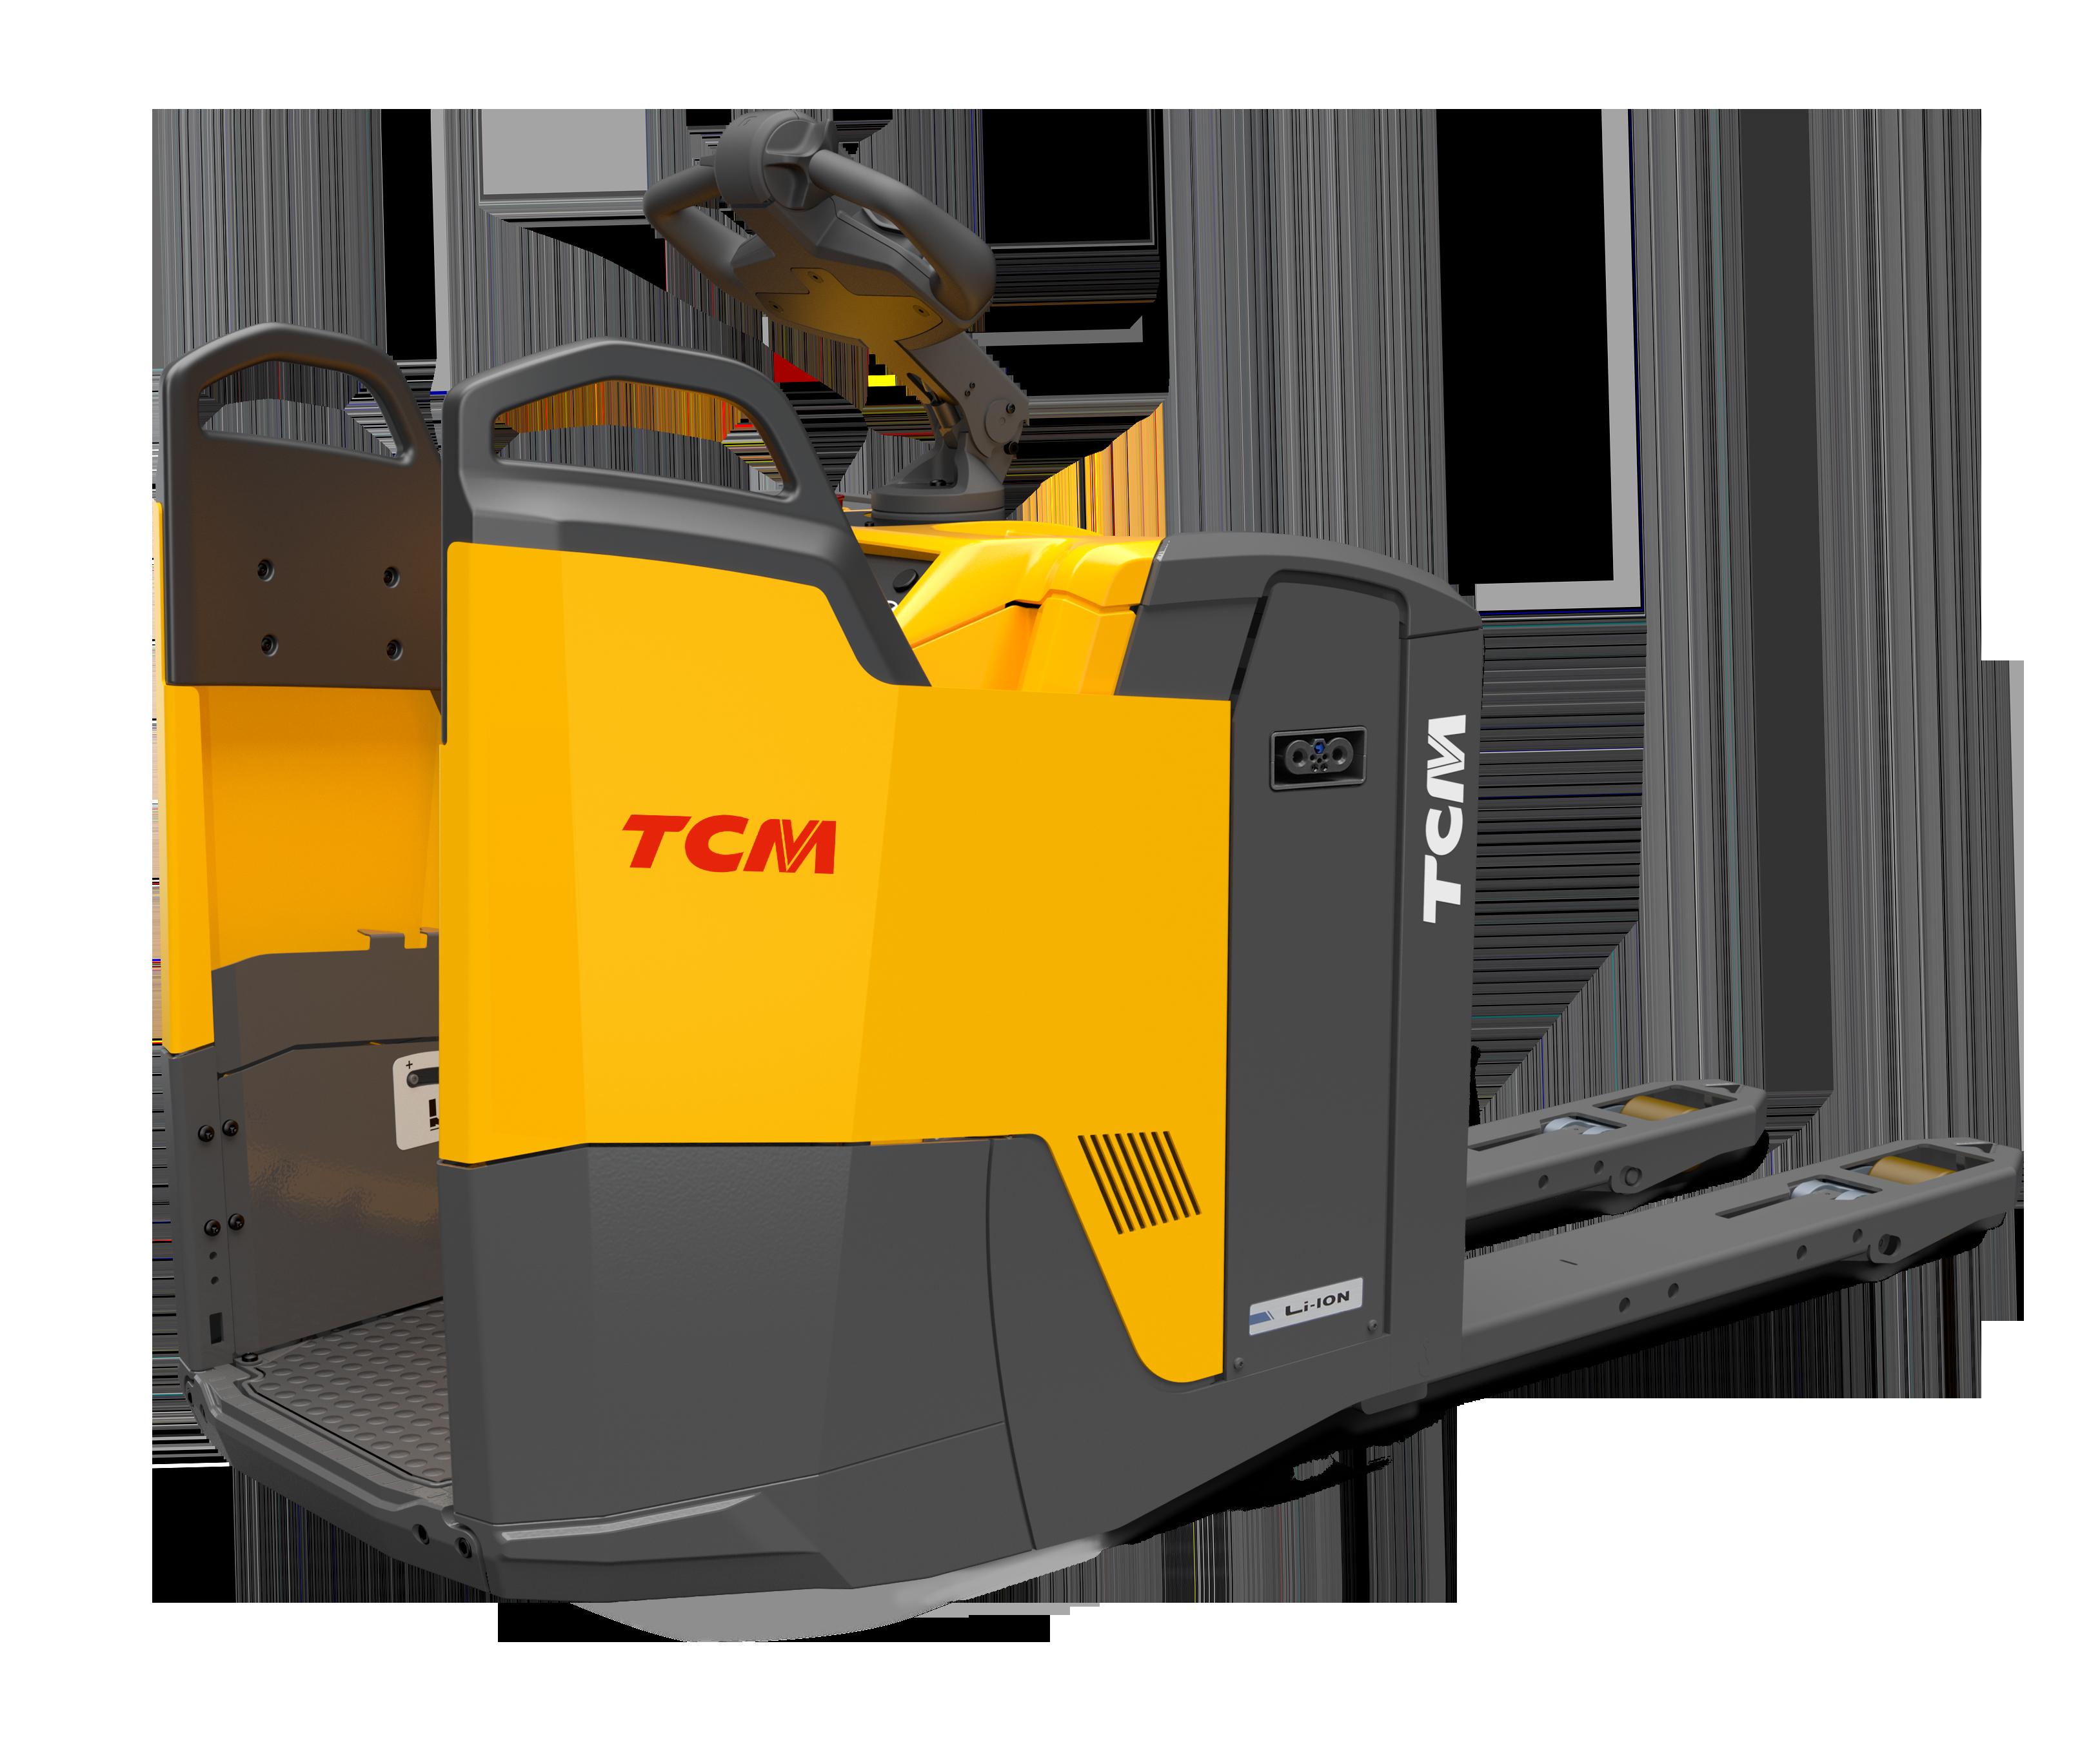 TCM PTP/R